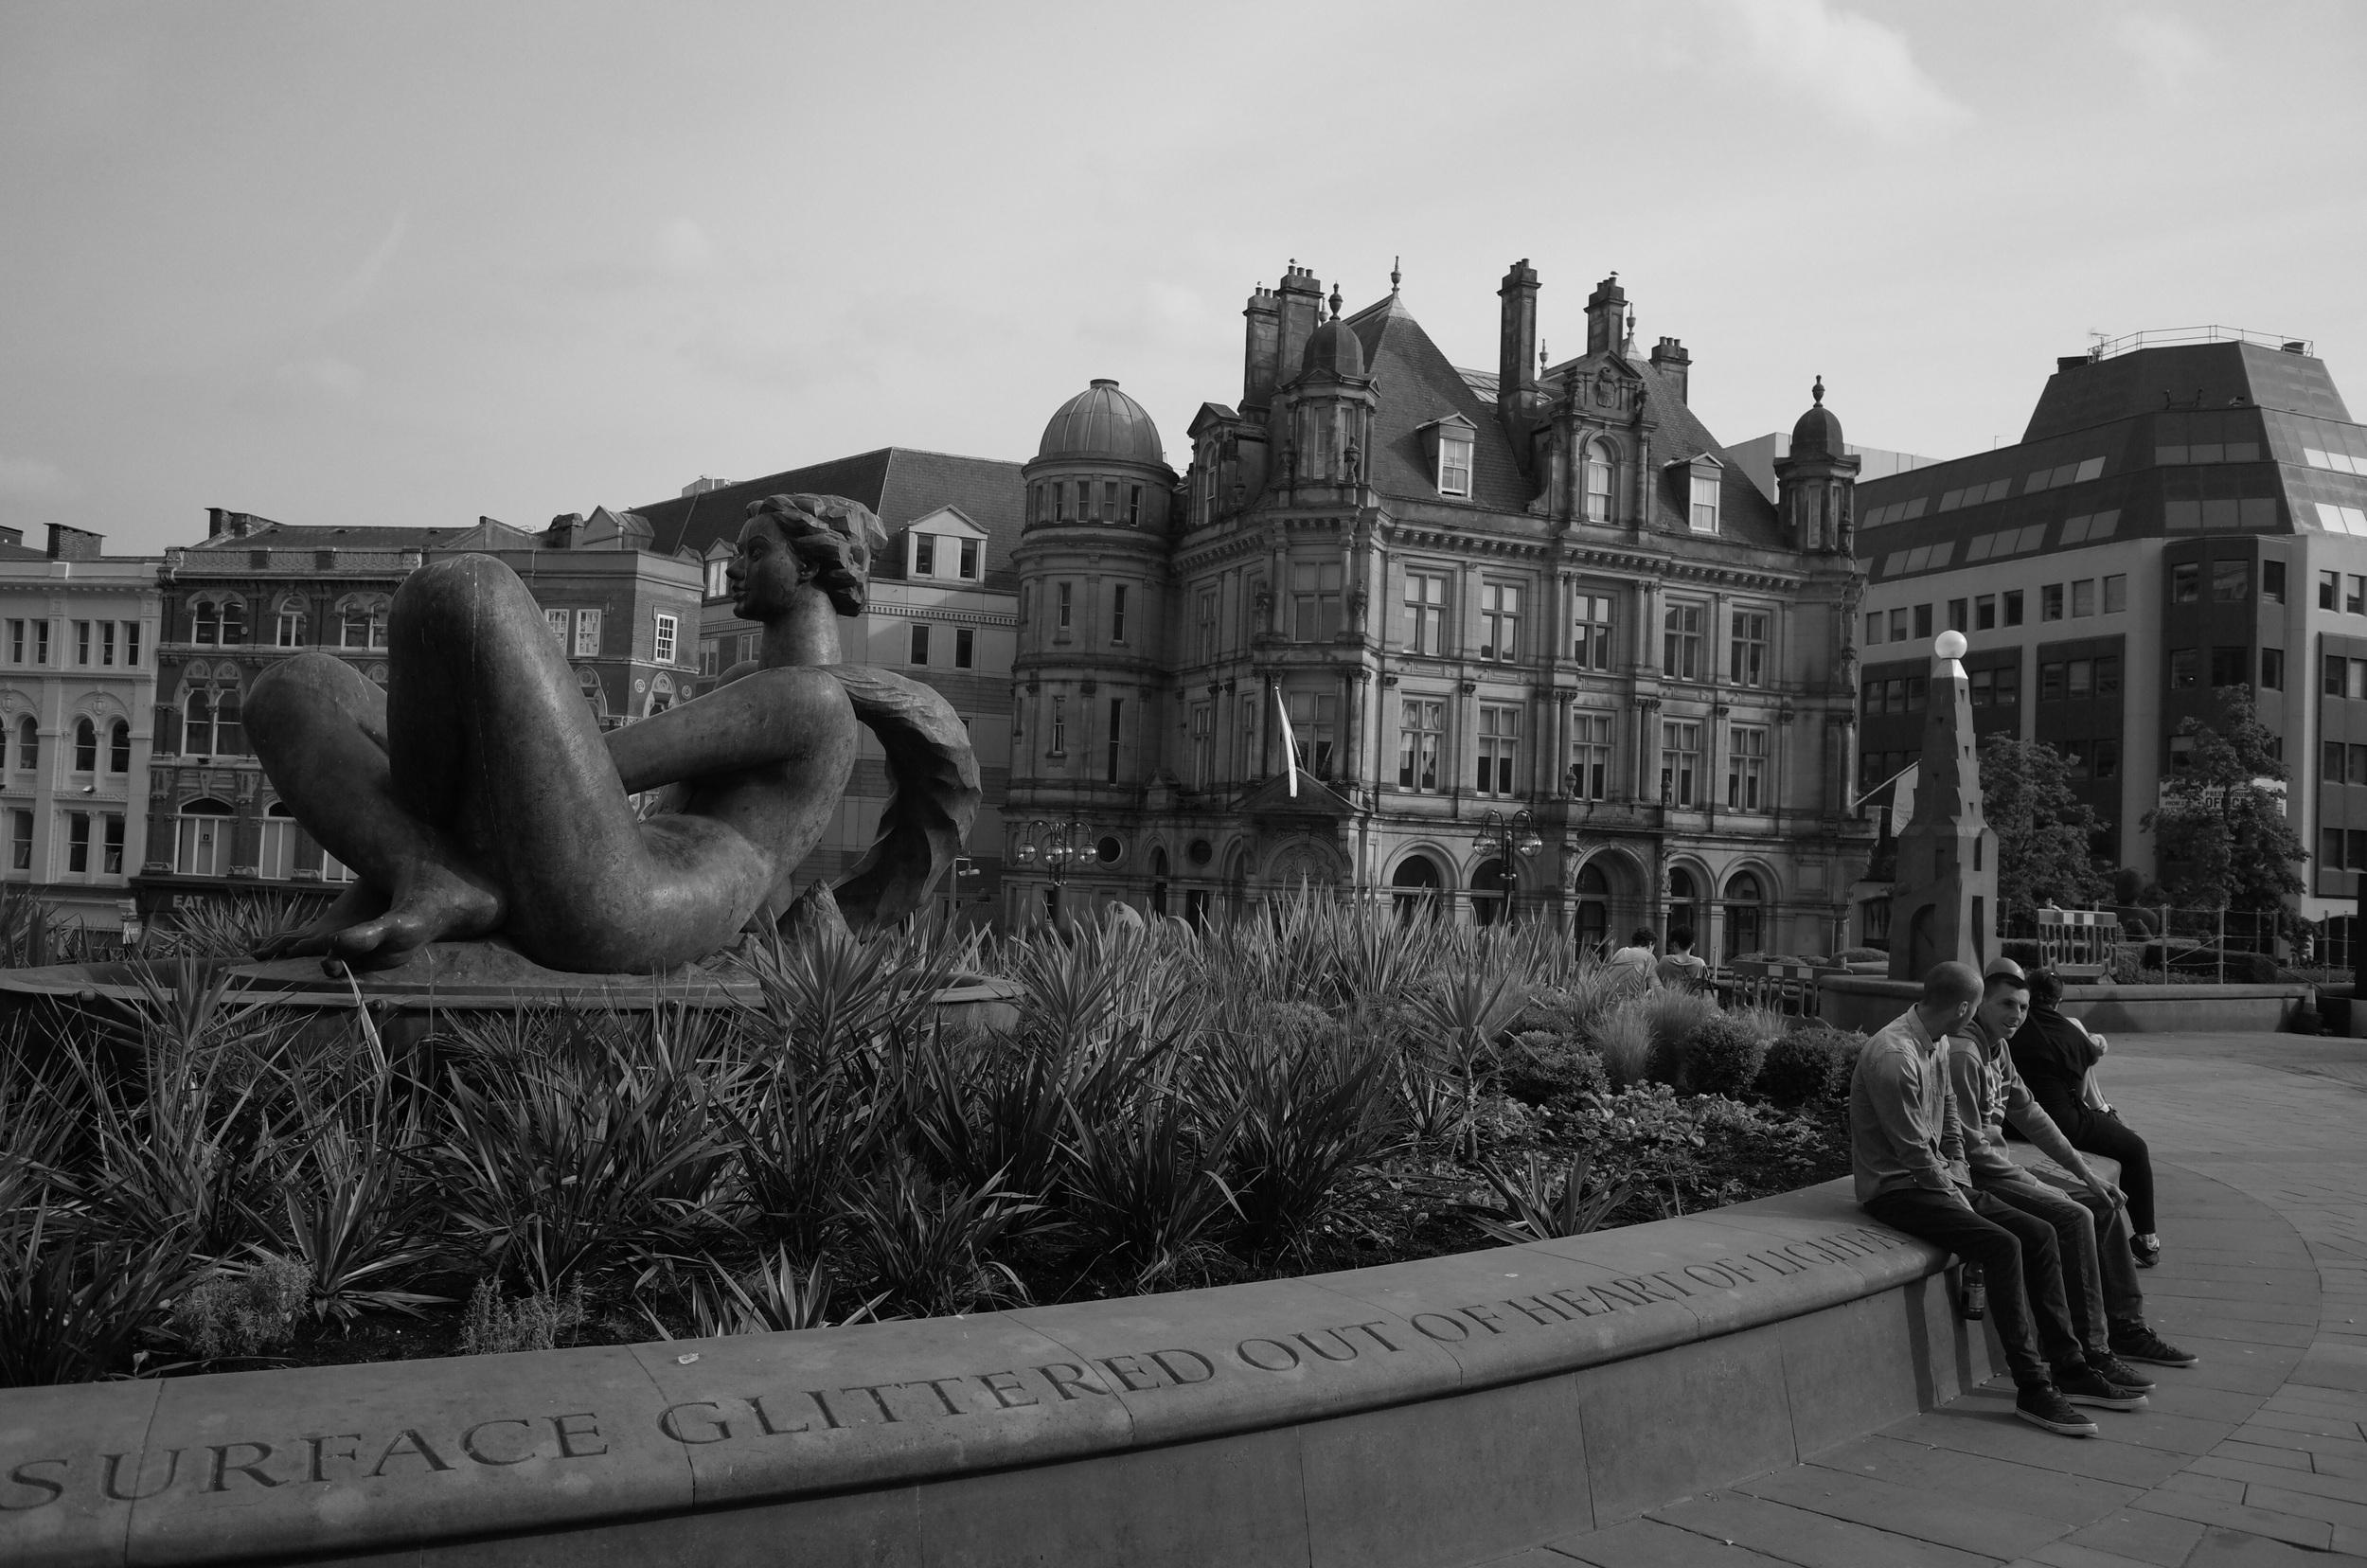 Victoria Square - Clifford Darby 2016